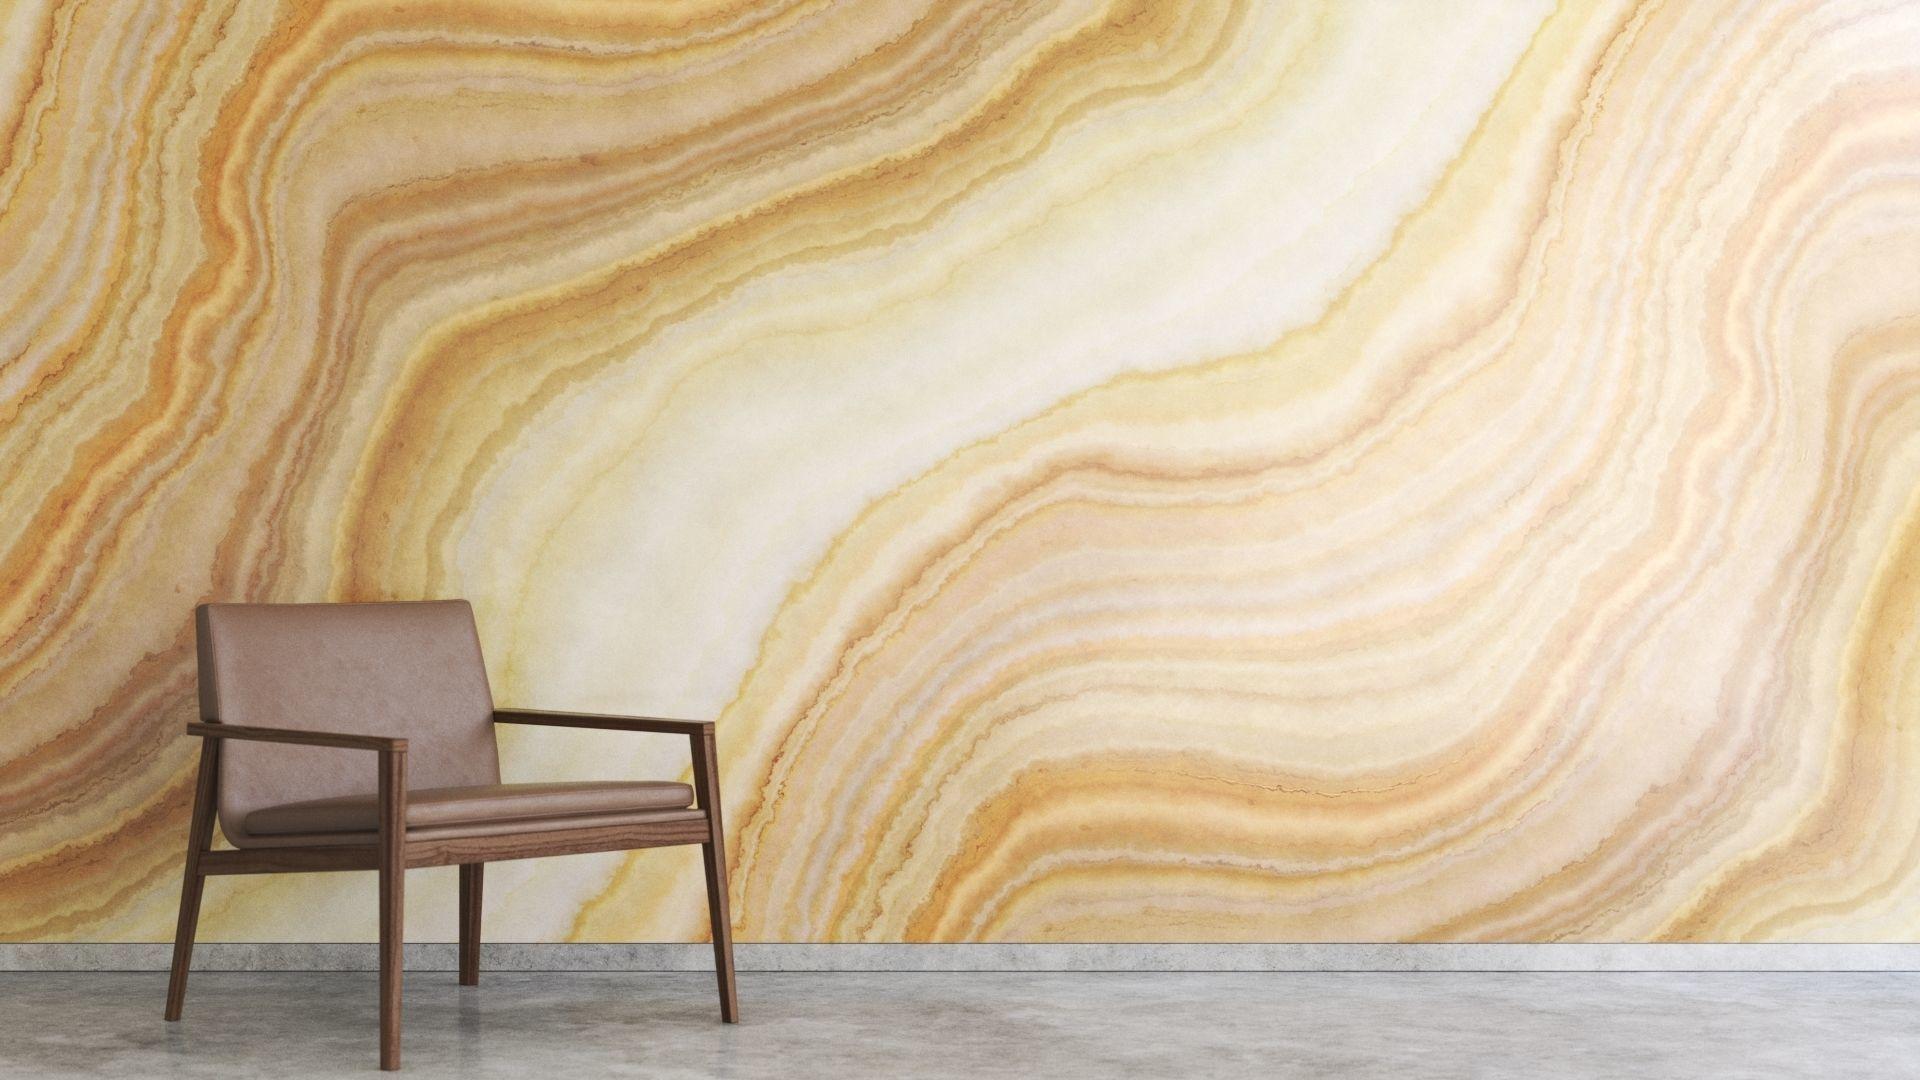 yellow onyx marble texture 3d model max obj fbx